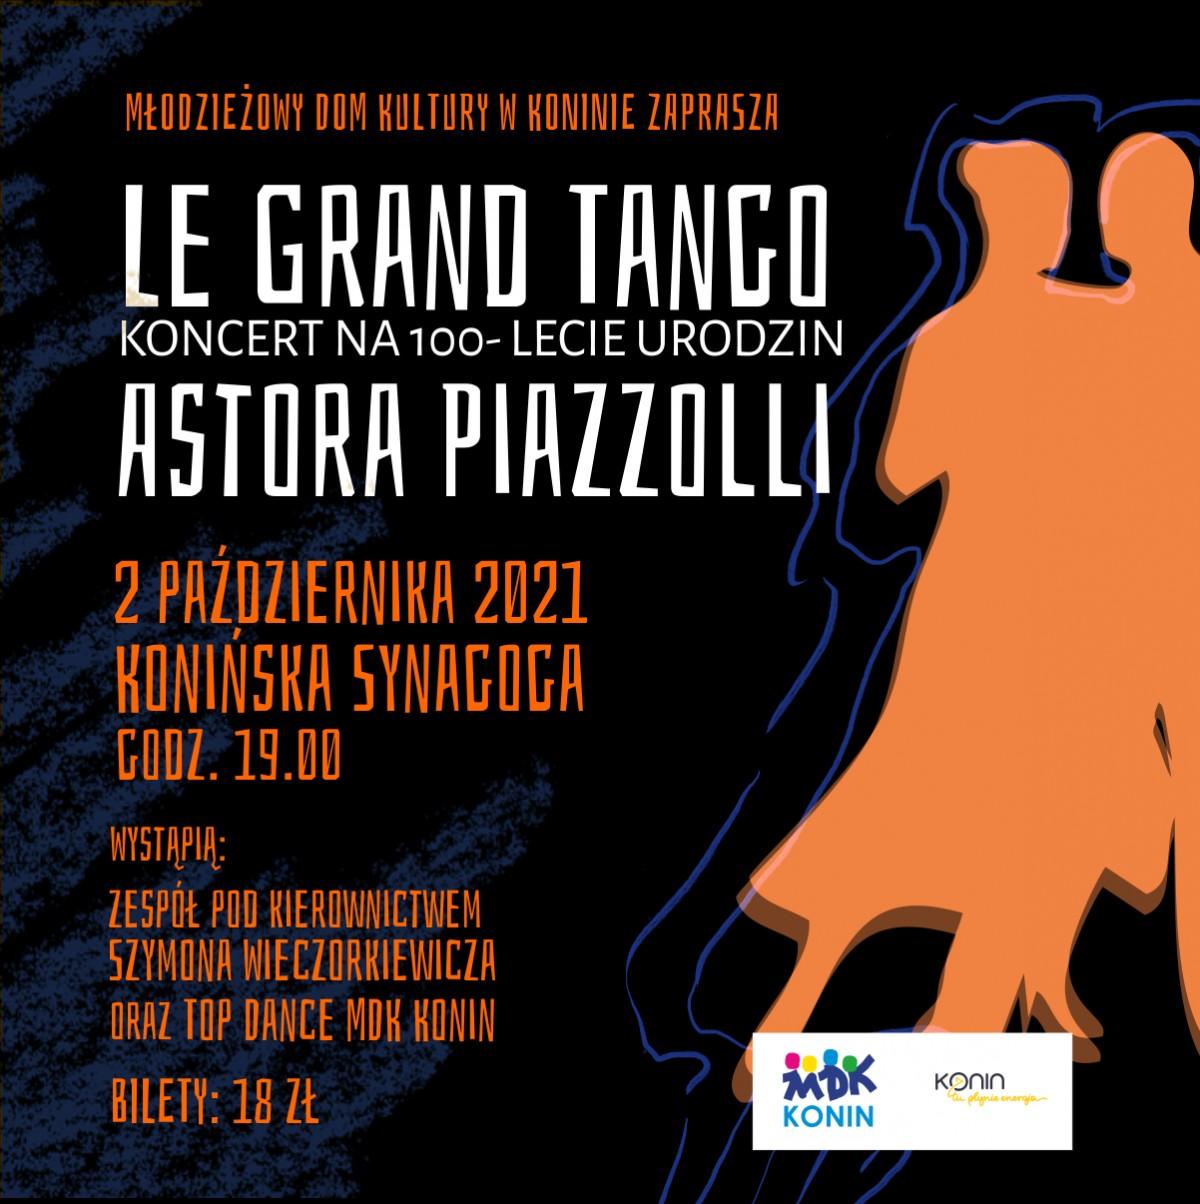 Piękna, nastrojowa muzyka Astora Piazzolli w konińskiej synagodze